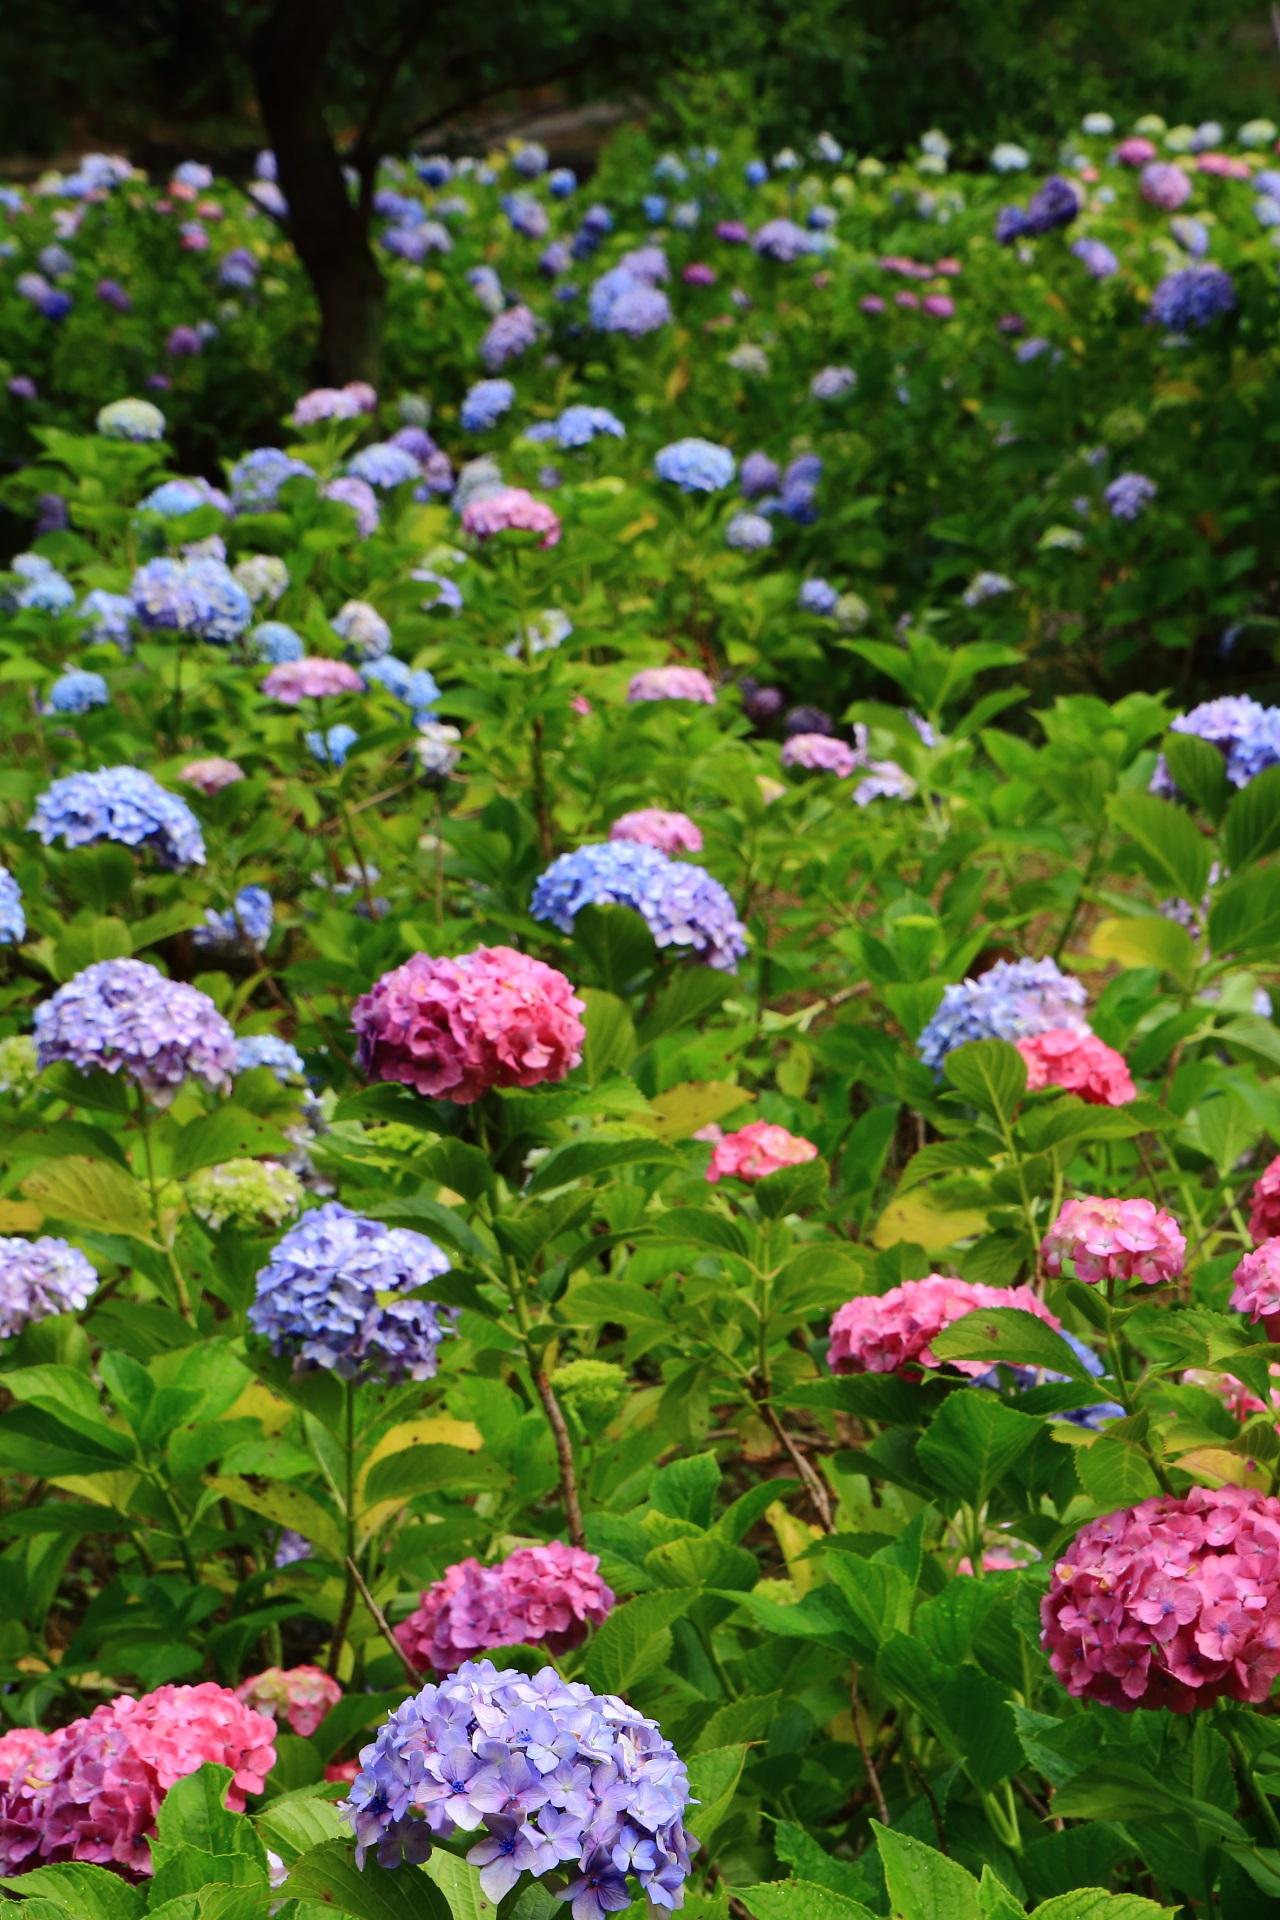 色とりどりの紫陽花につつまれた智積院(ちしゃくいん)